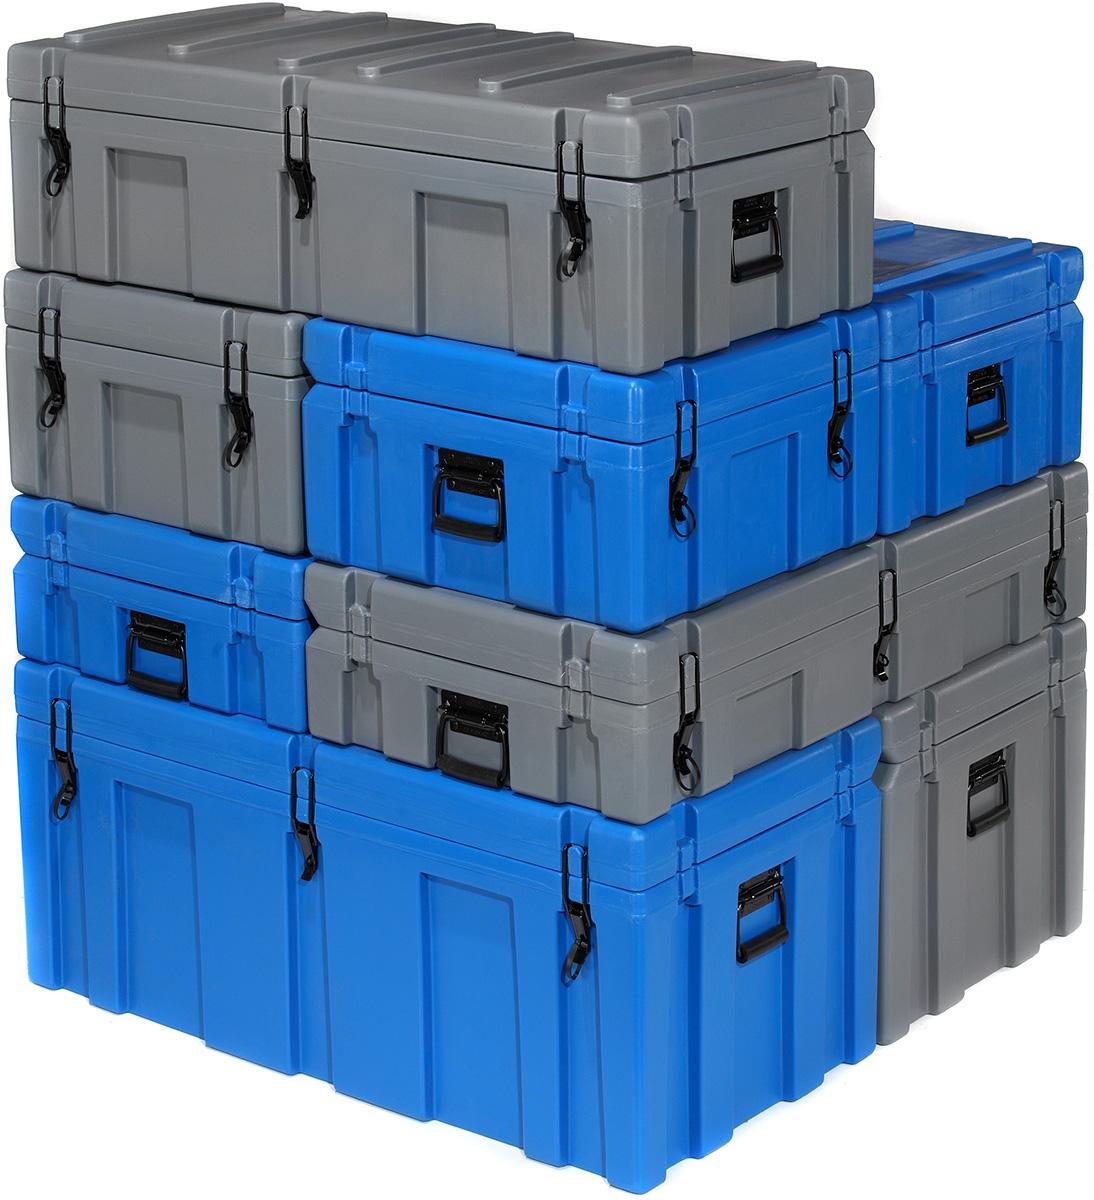 pelican trimcast spacecase 1100 space case